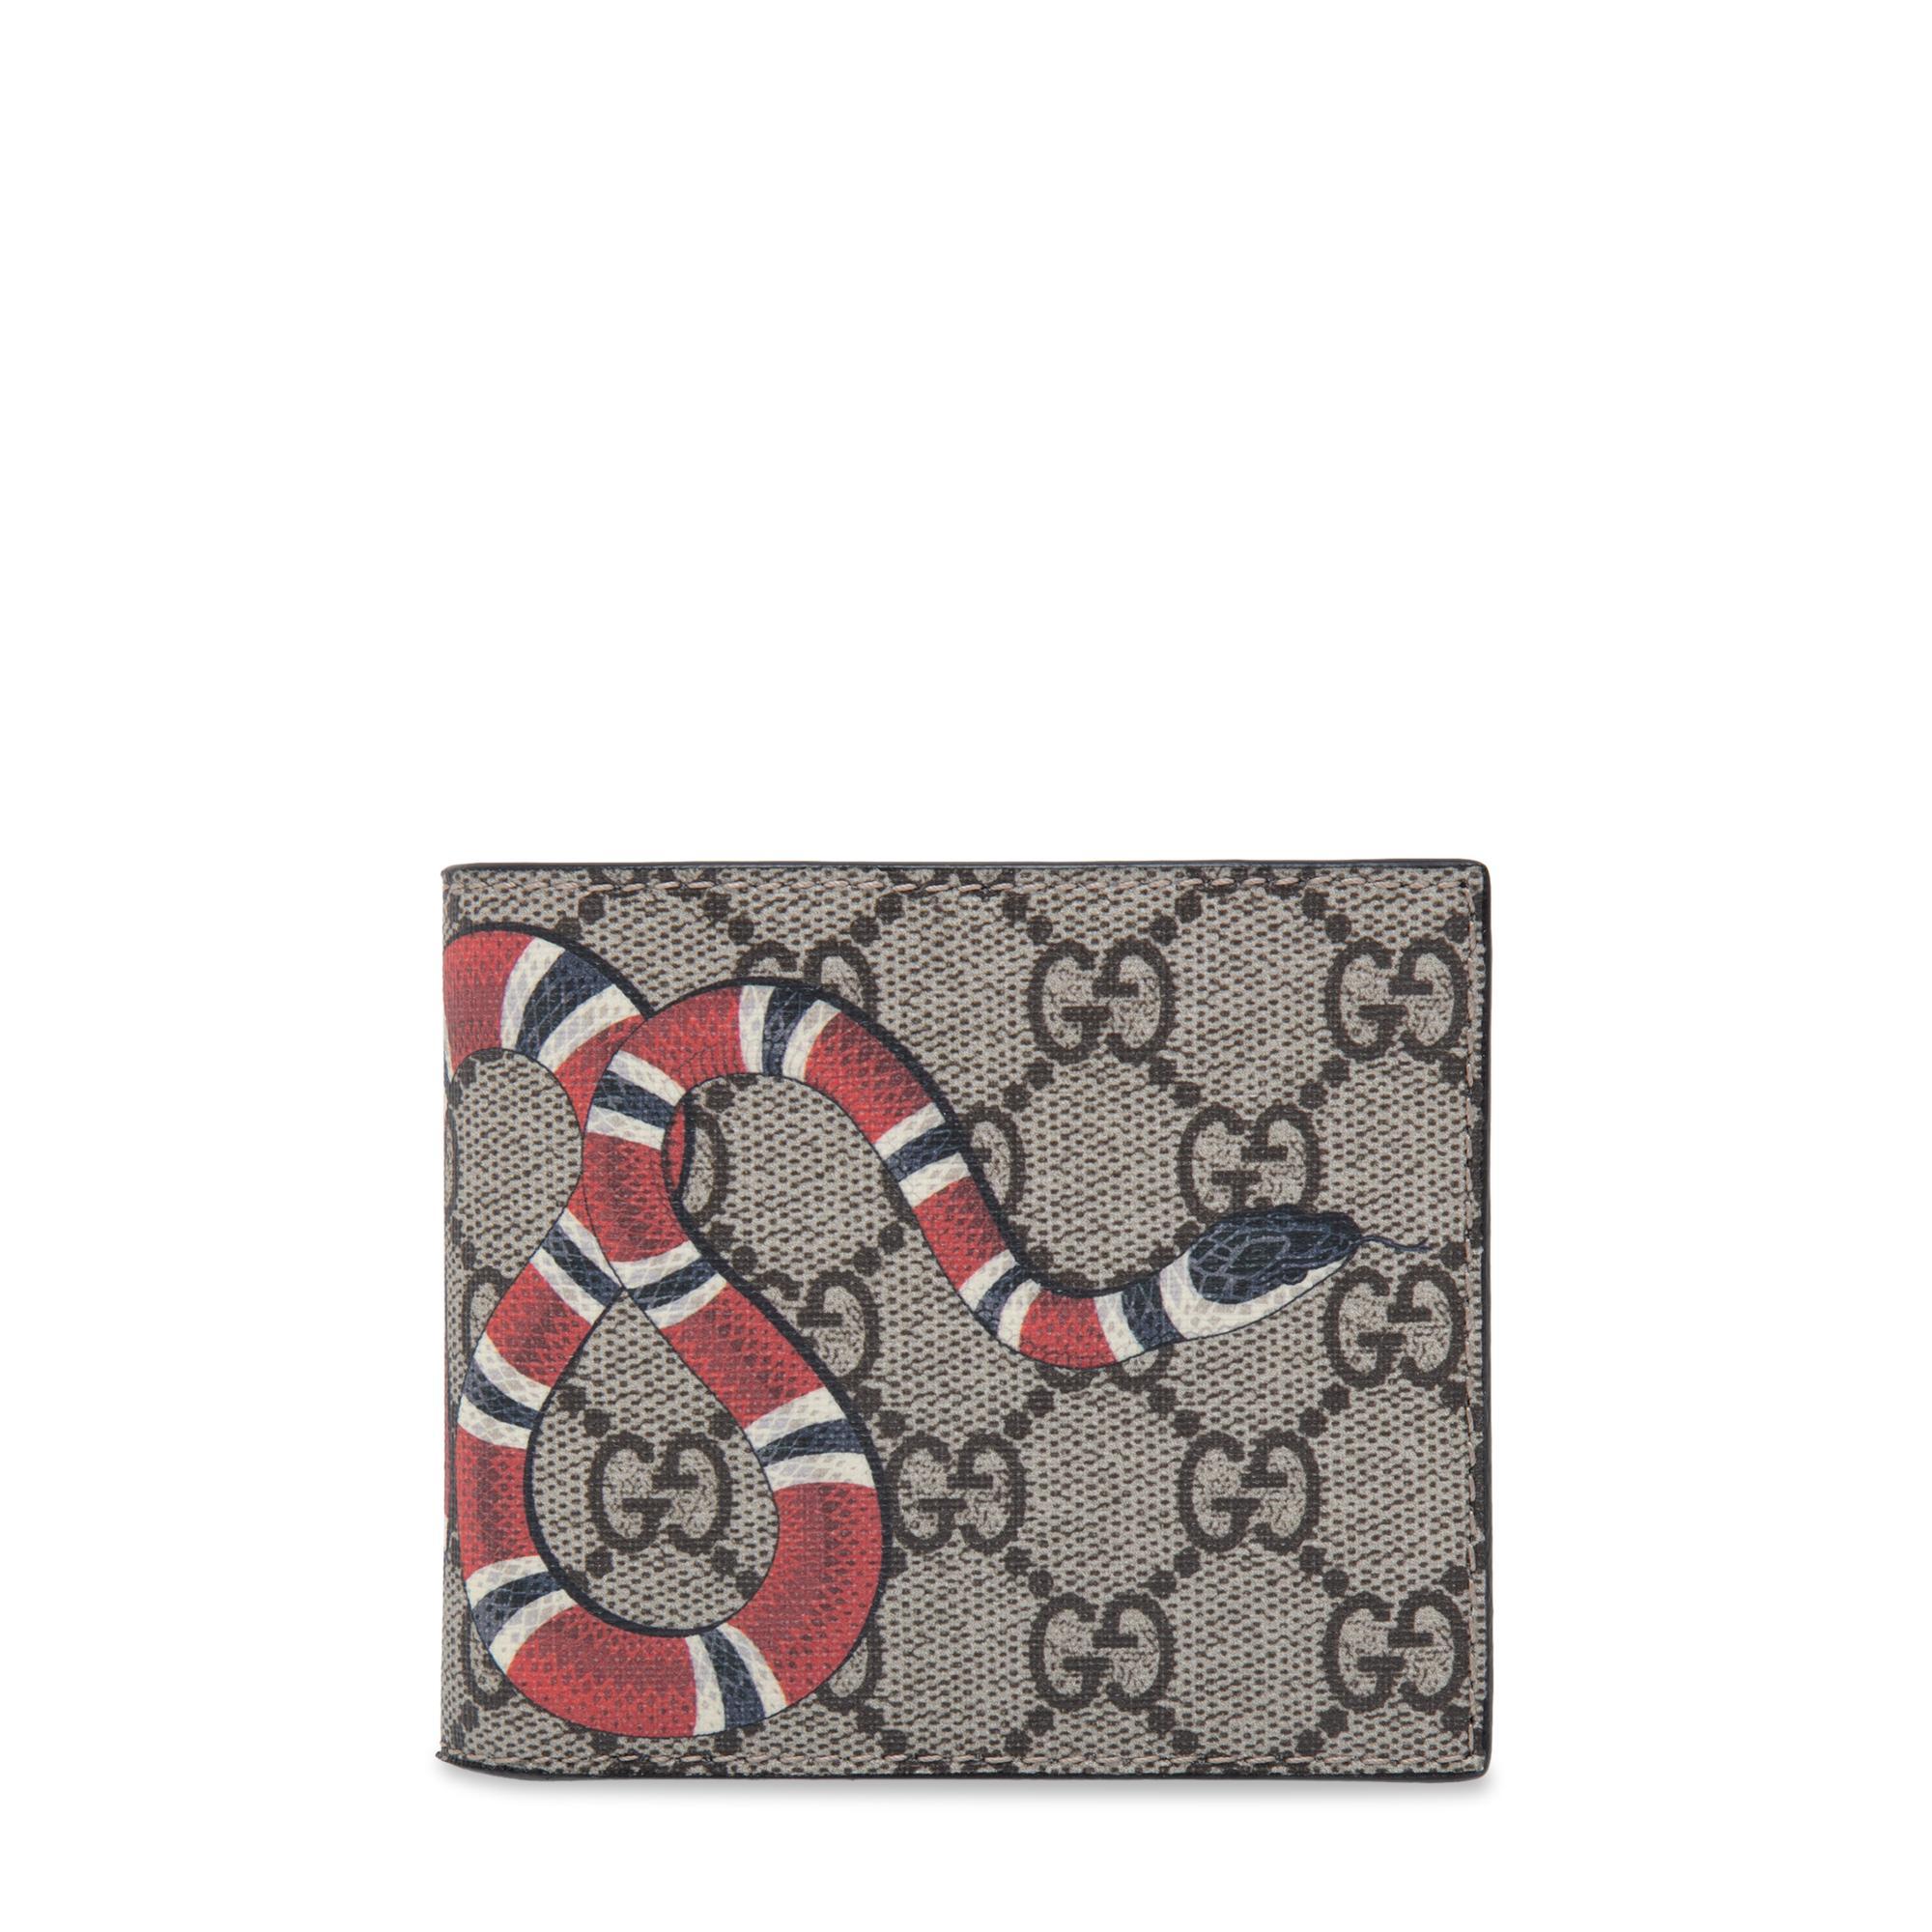 Kingsnake GG Supreme wallet